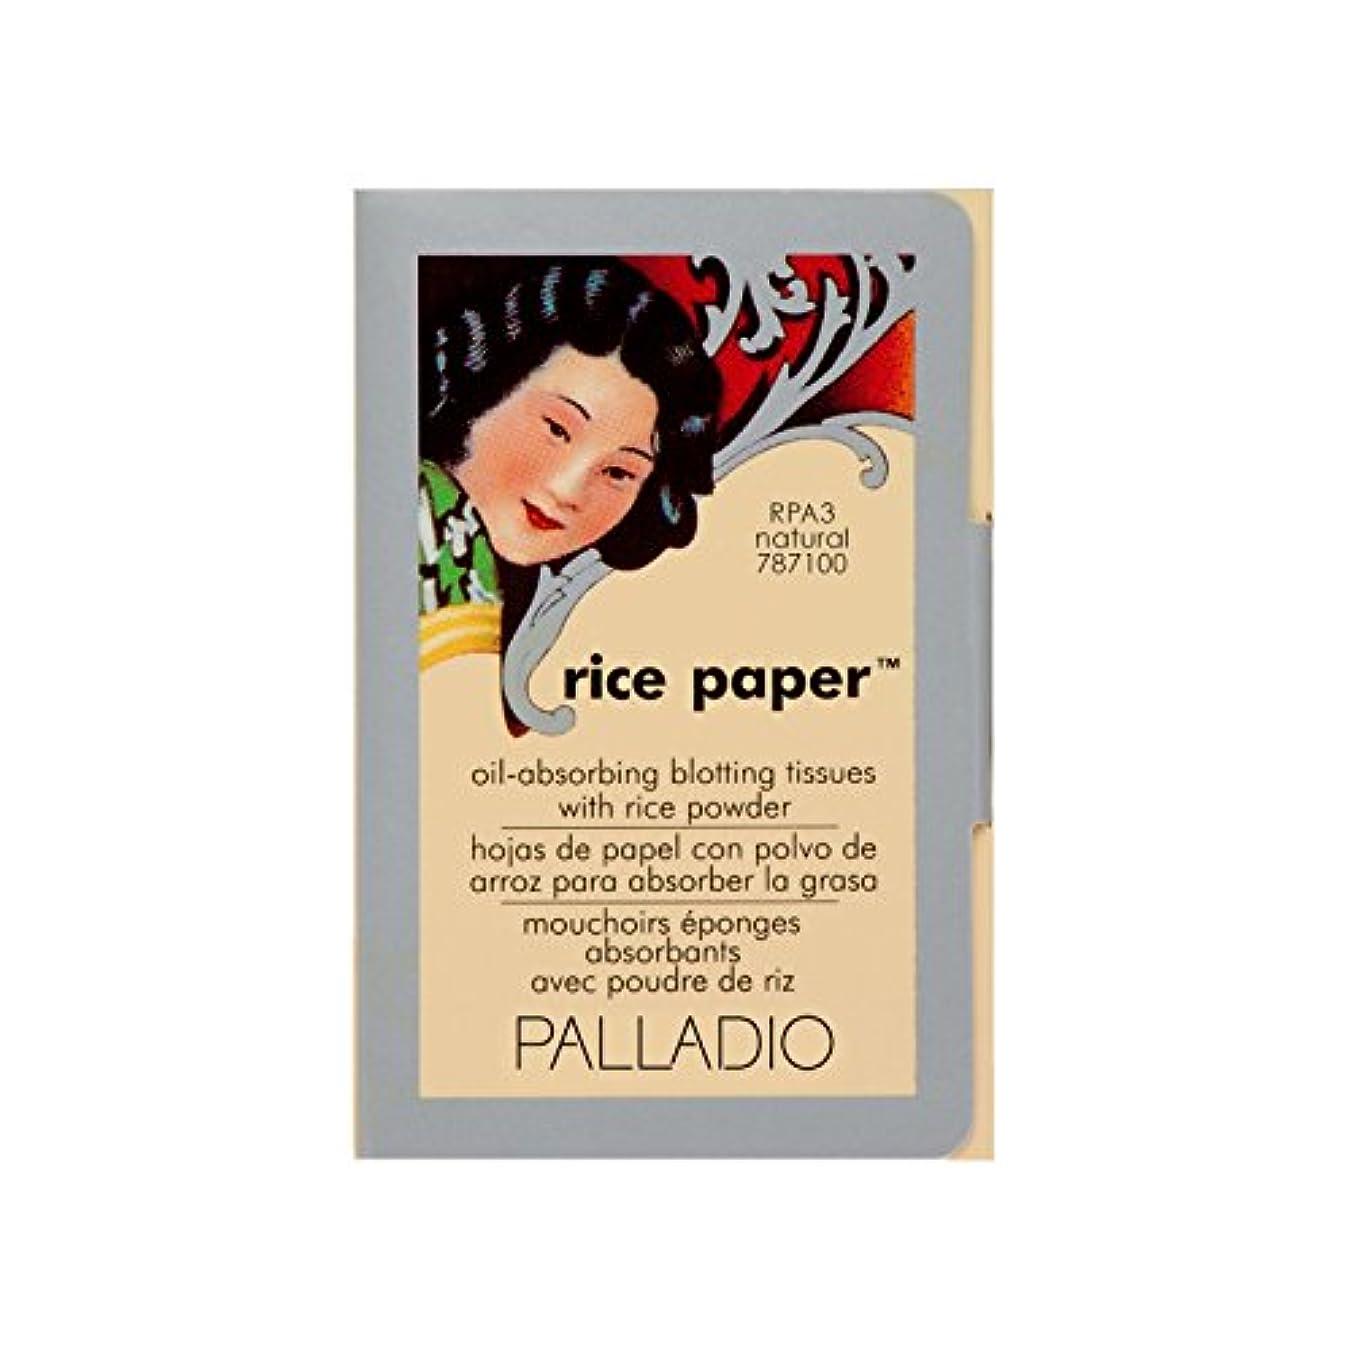 モディッシュたらい曲げるPalladio ライスペーパーティッシュ、米粉と顔あぶらとりシートは、オイルを吸収し、肌が新鮮で財布や旅行のための滑らかな、コンパクトなサイズを探し滞在を支援します ナチュラル